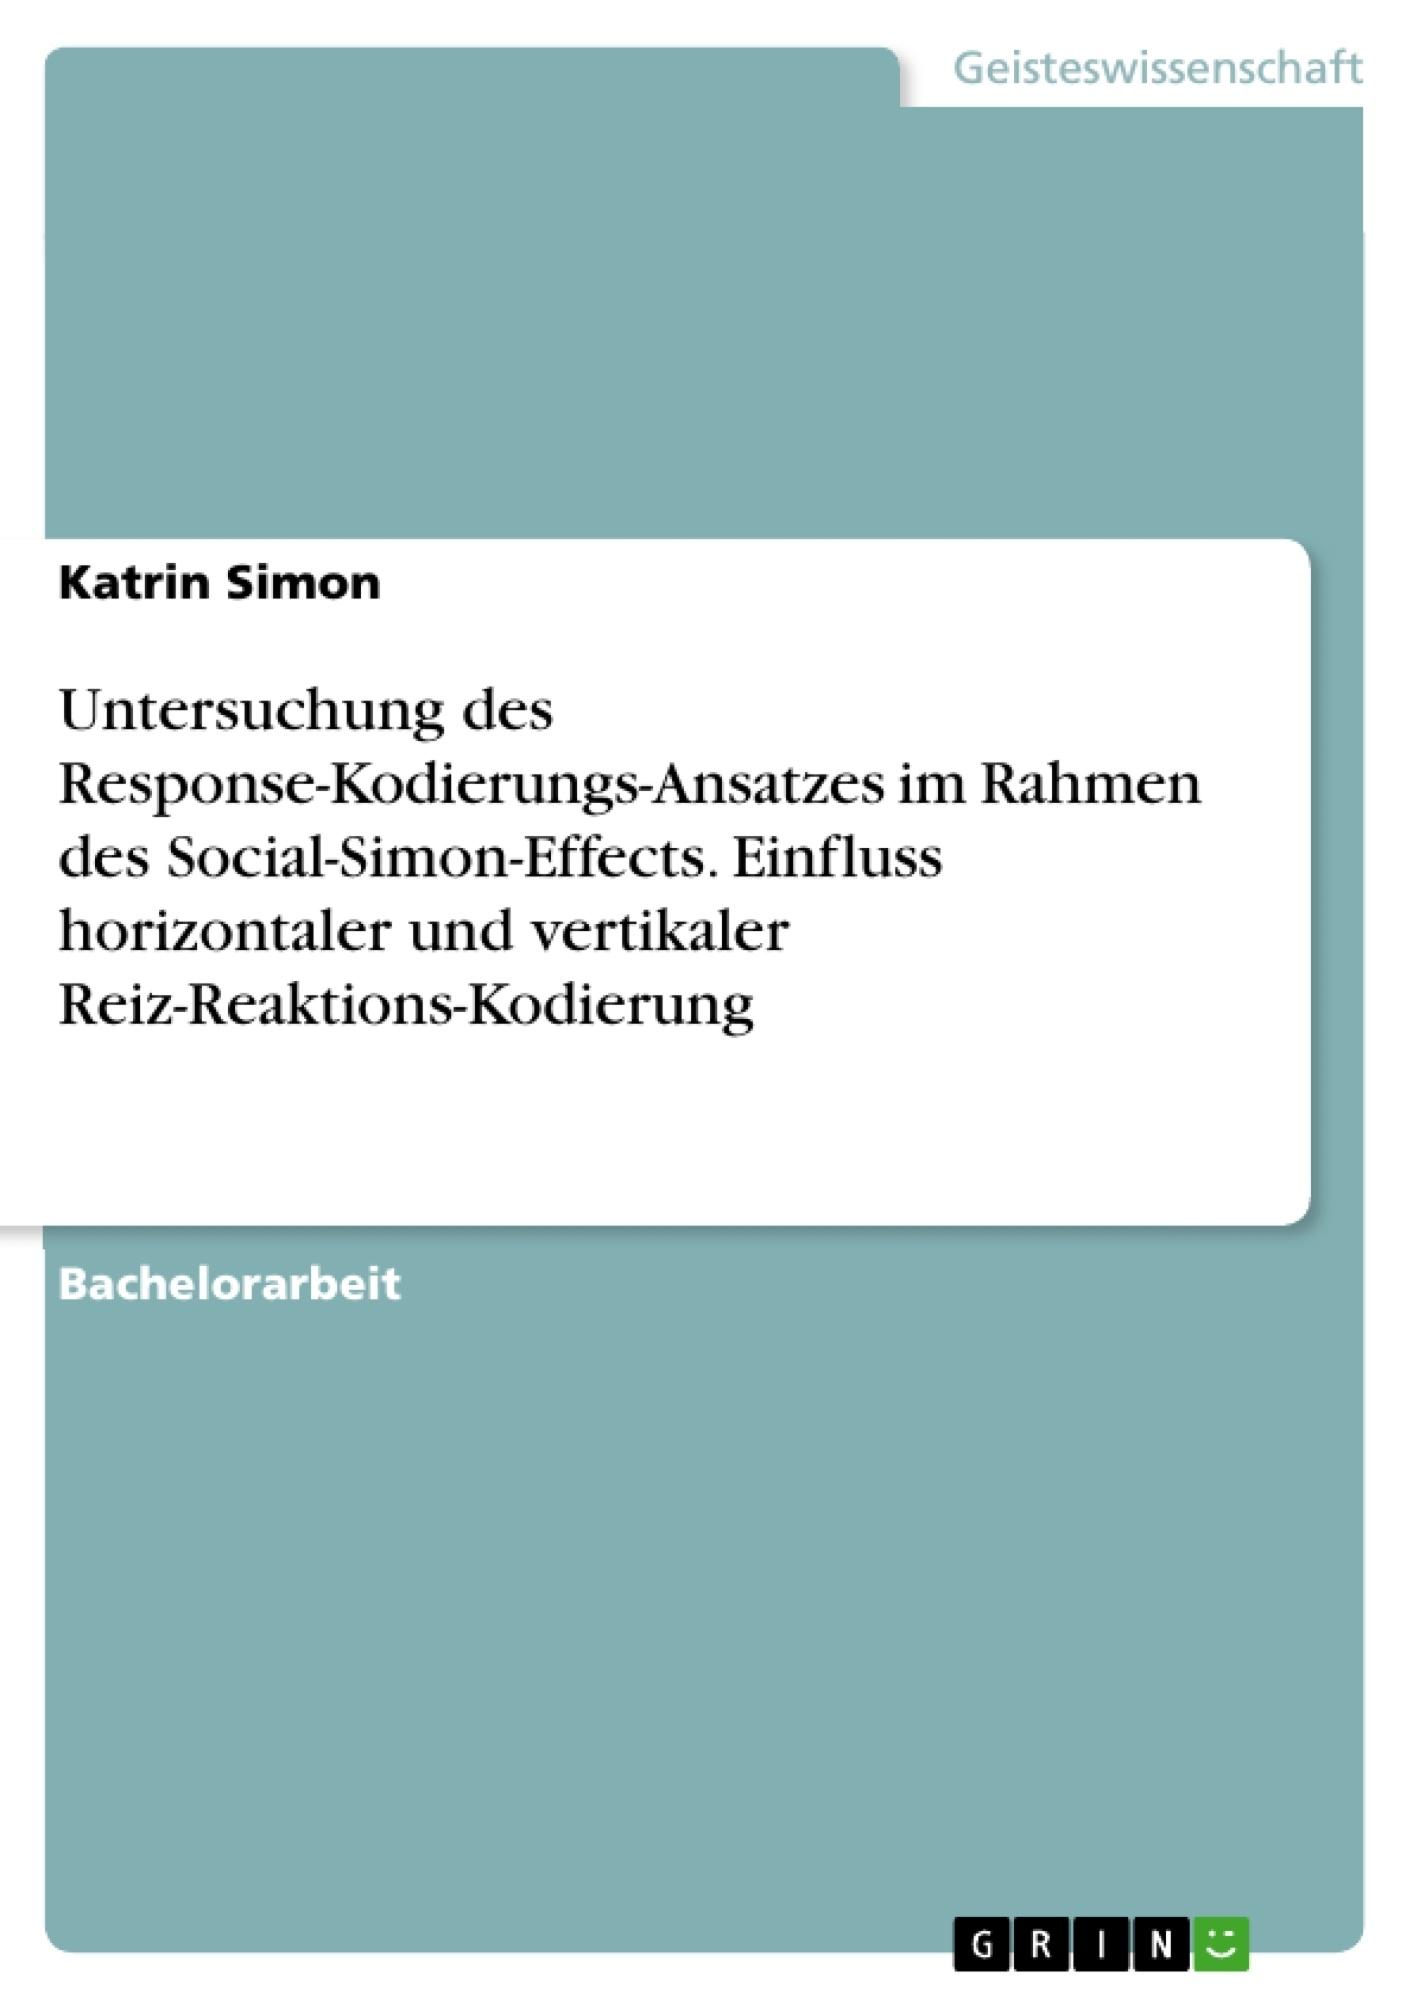 Titel: Untersuchung des Response-Kodierungs-Ansatzes im Rahmen des Social-Simon-Effects. Einfluss horizontaler und vertikaler Reiz-Reaktions-Kodierung